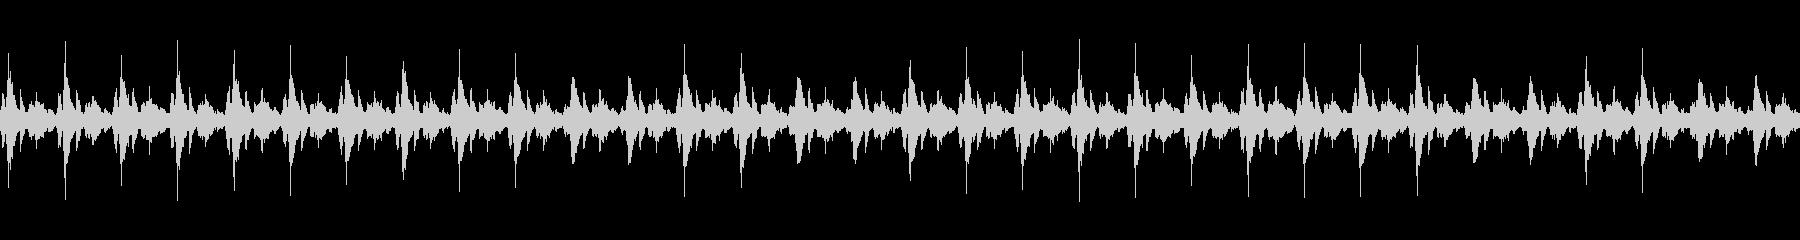 クリスマスっぽい鈴の音の未再生の波形